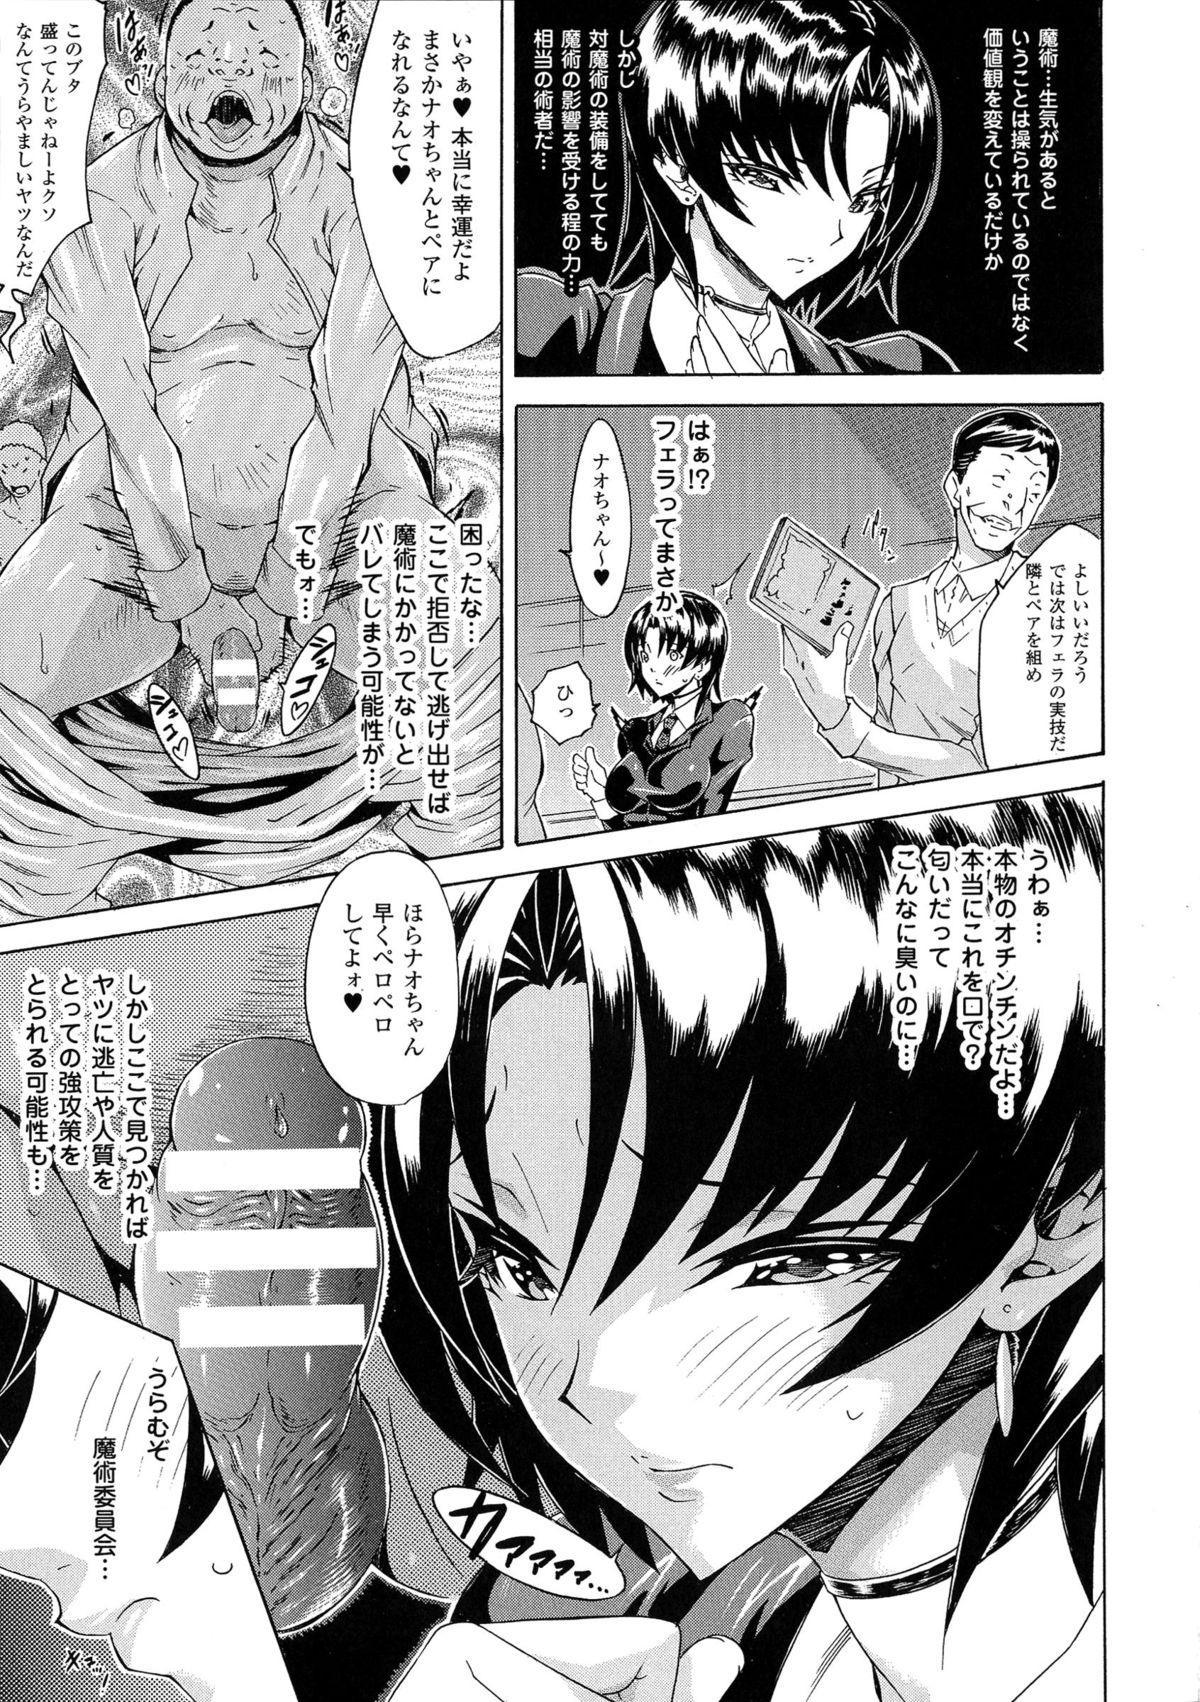 Kachiki na Onna ga Buzama na Ahegao o Sarasu made 104